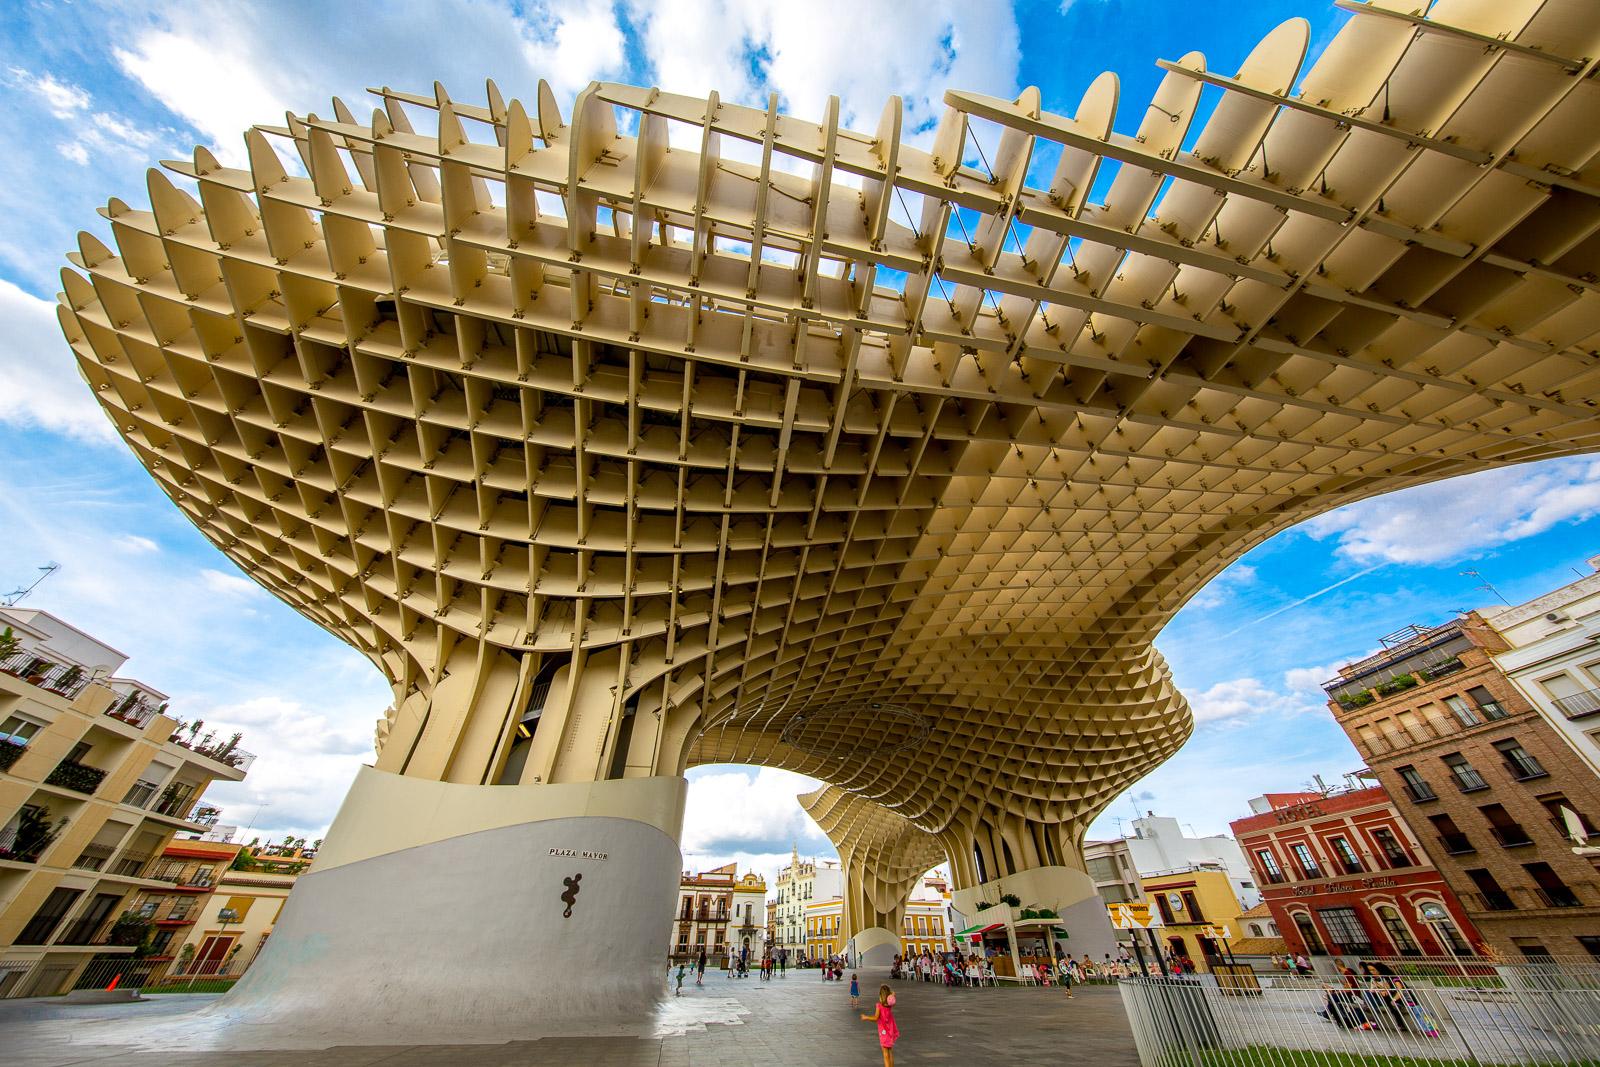 Sevilla-9978.jpg